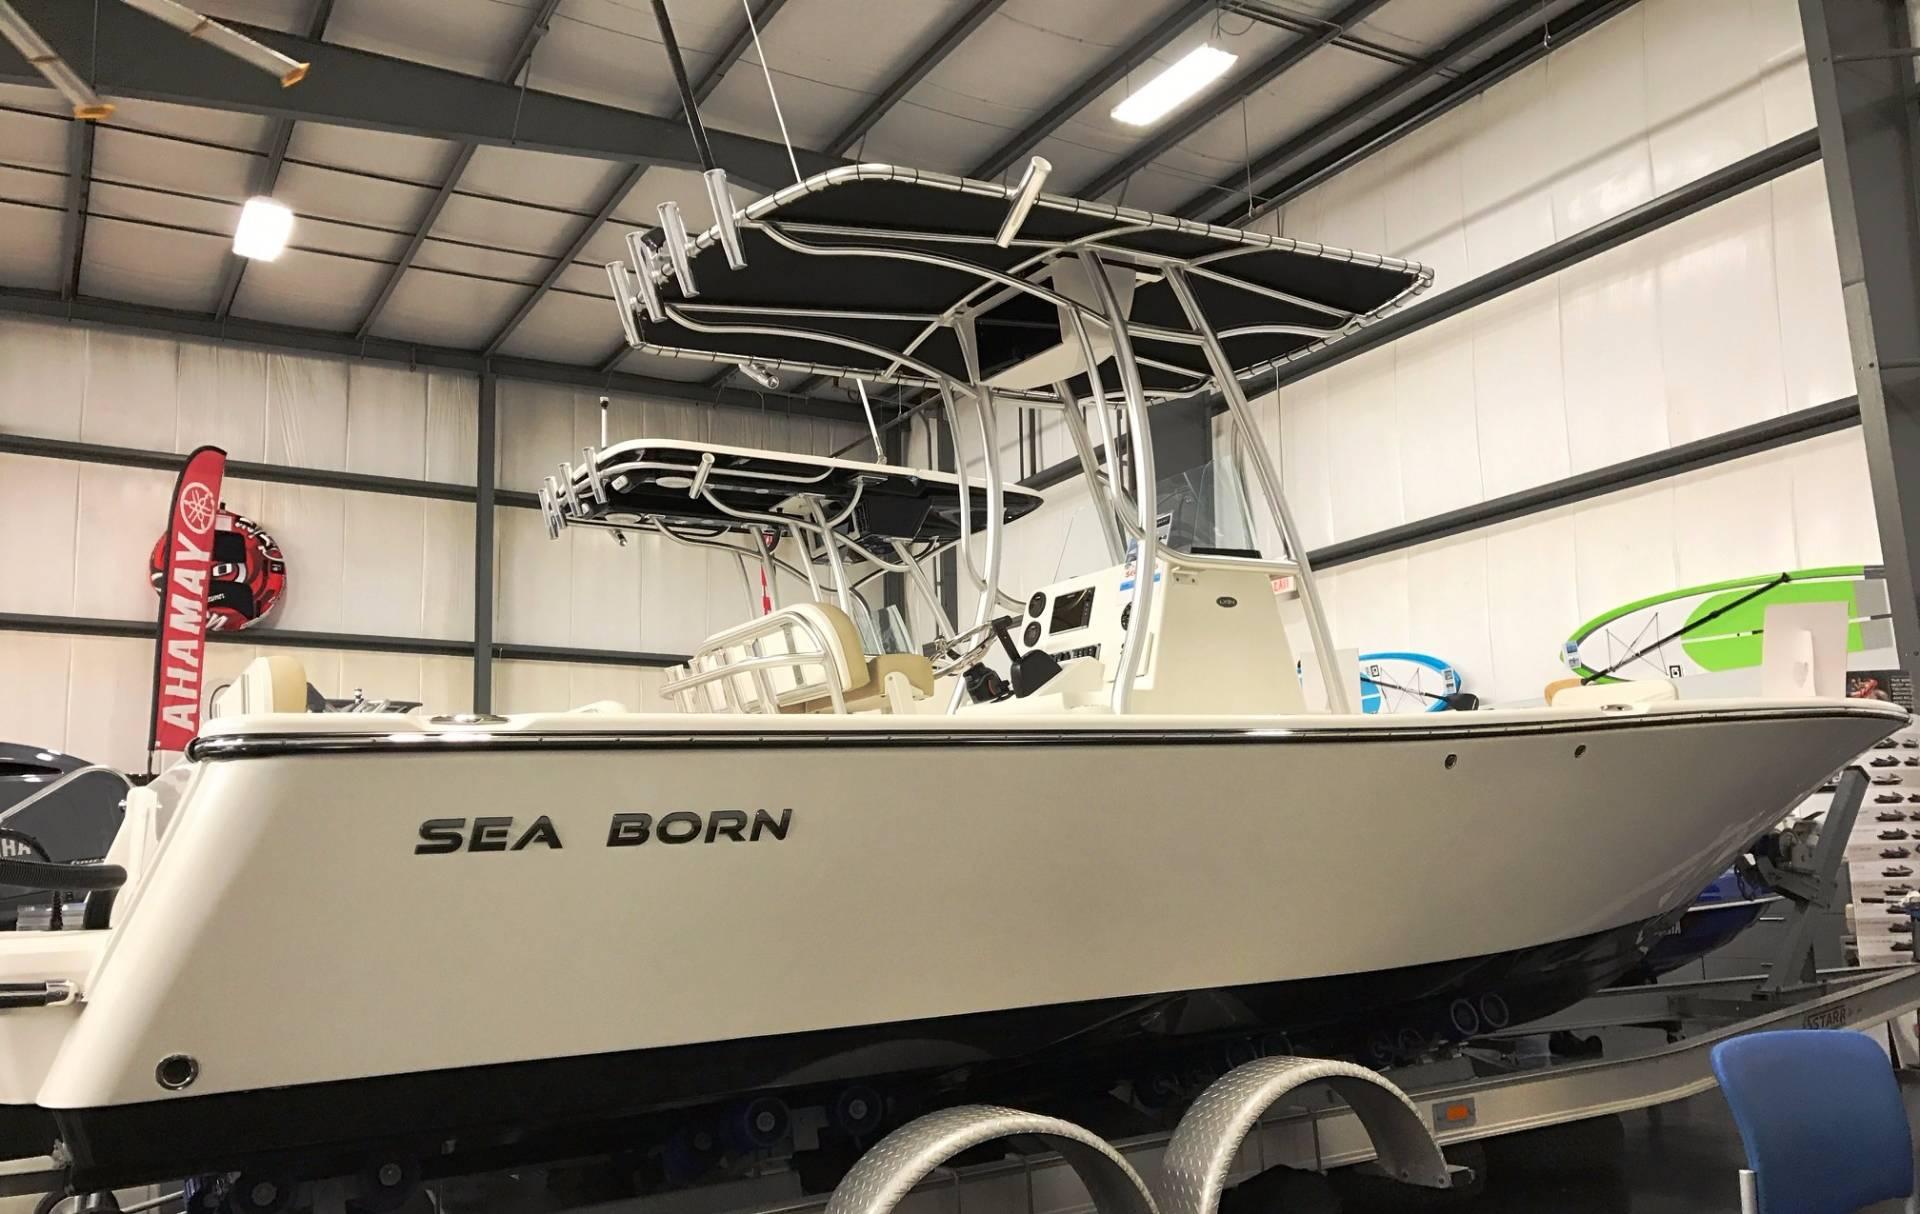 Sea Born LX24 Center Console